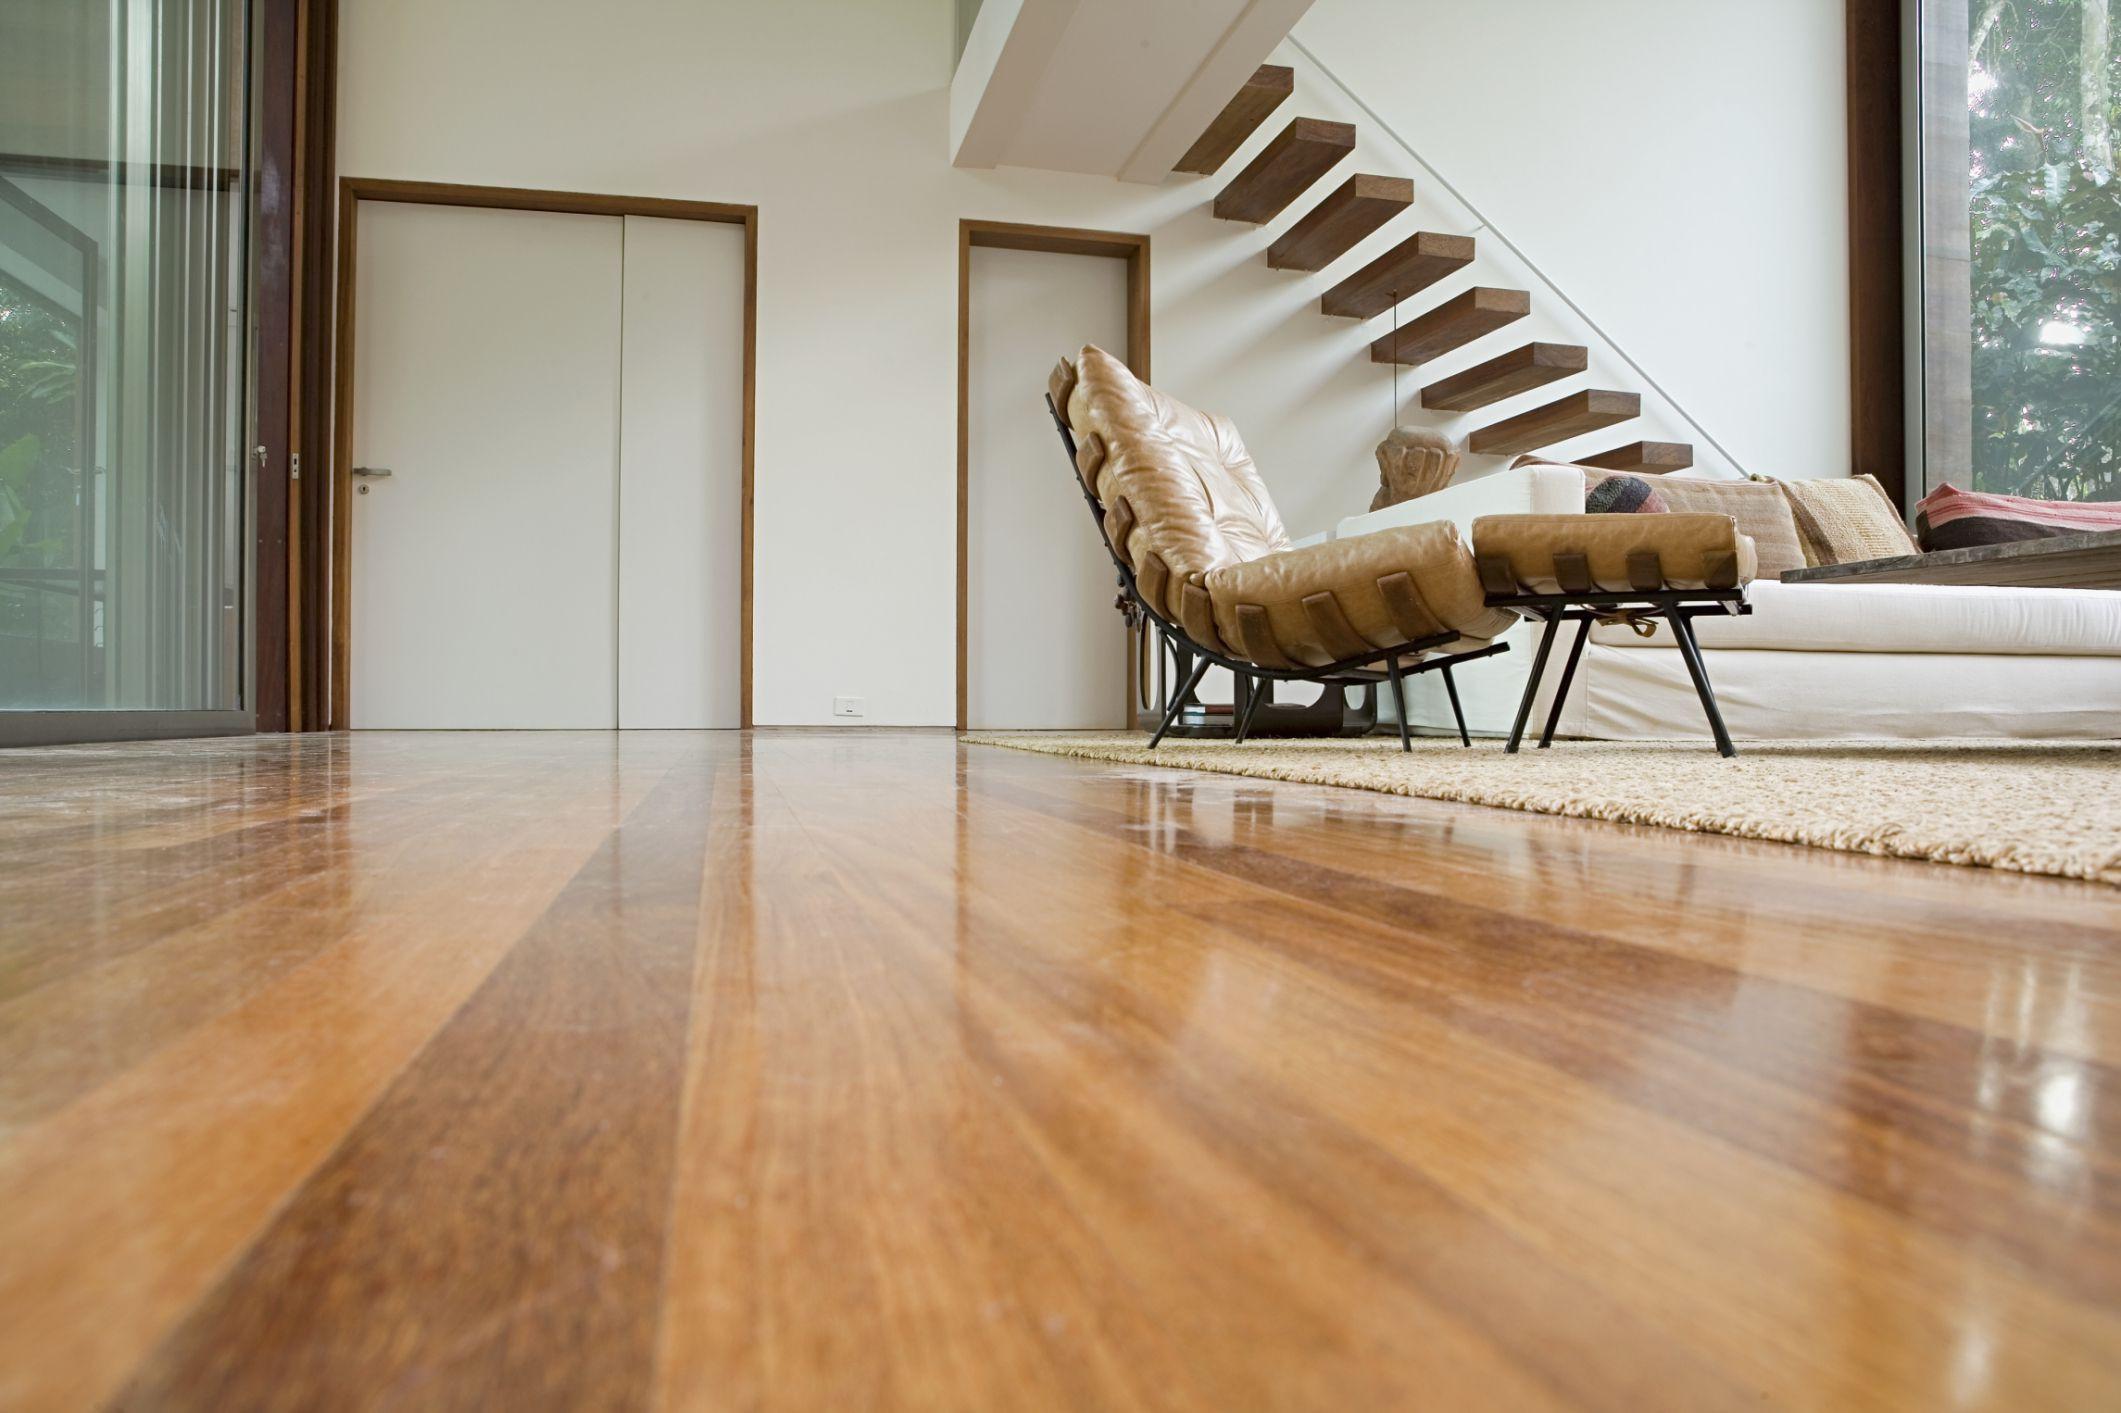 16 Fantastic Best Hardwood Floor Shiner 2021 free download best hardwood floor shiner of engineered wood flooring vs solid wood flooring with 200571260 001 highres 56a49dec5f9b58b7d0d7dc1e